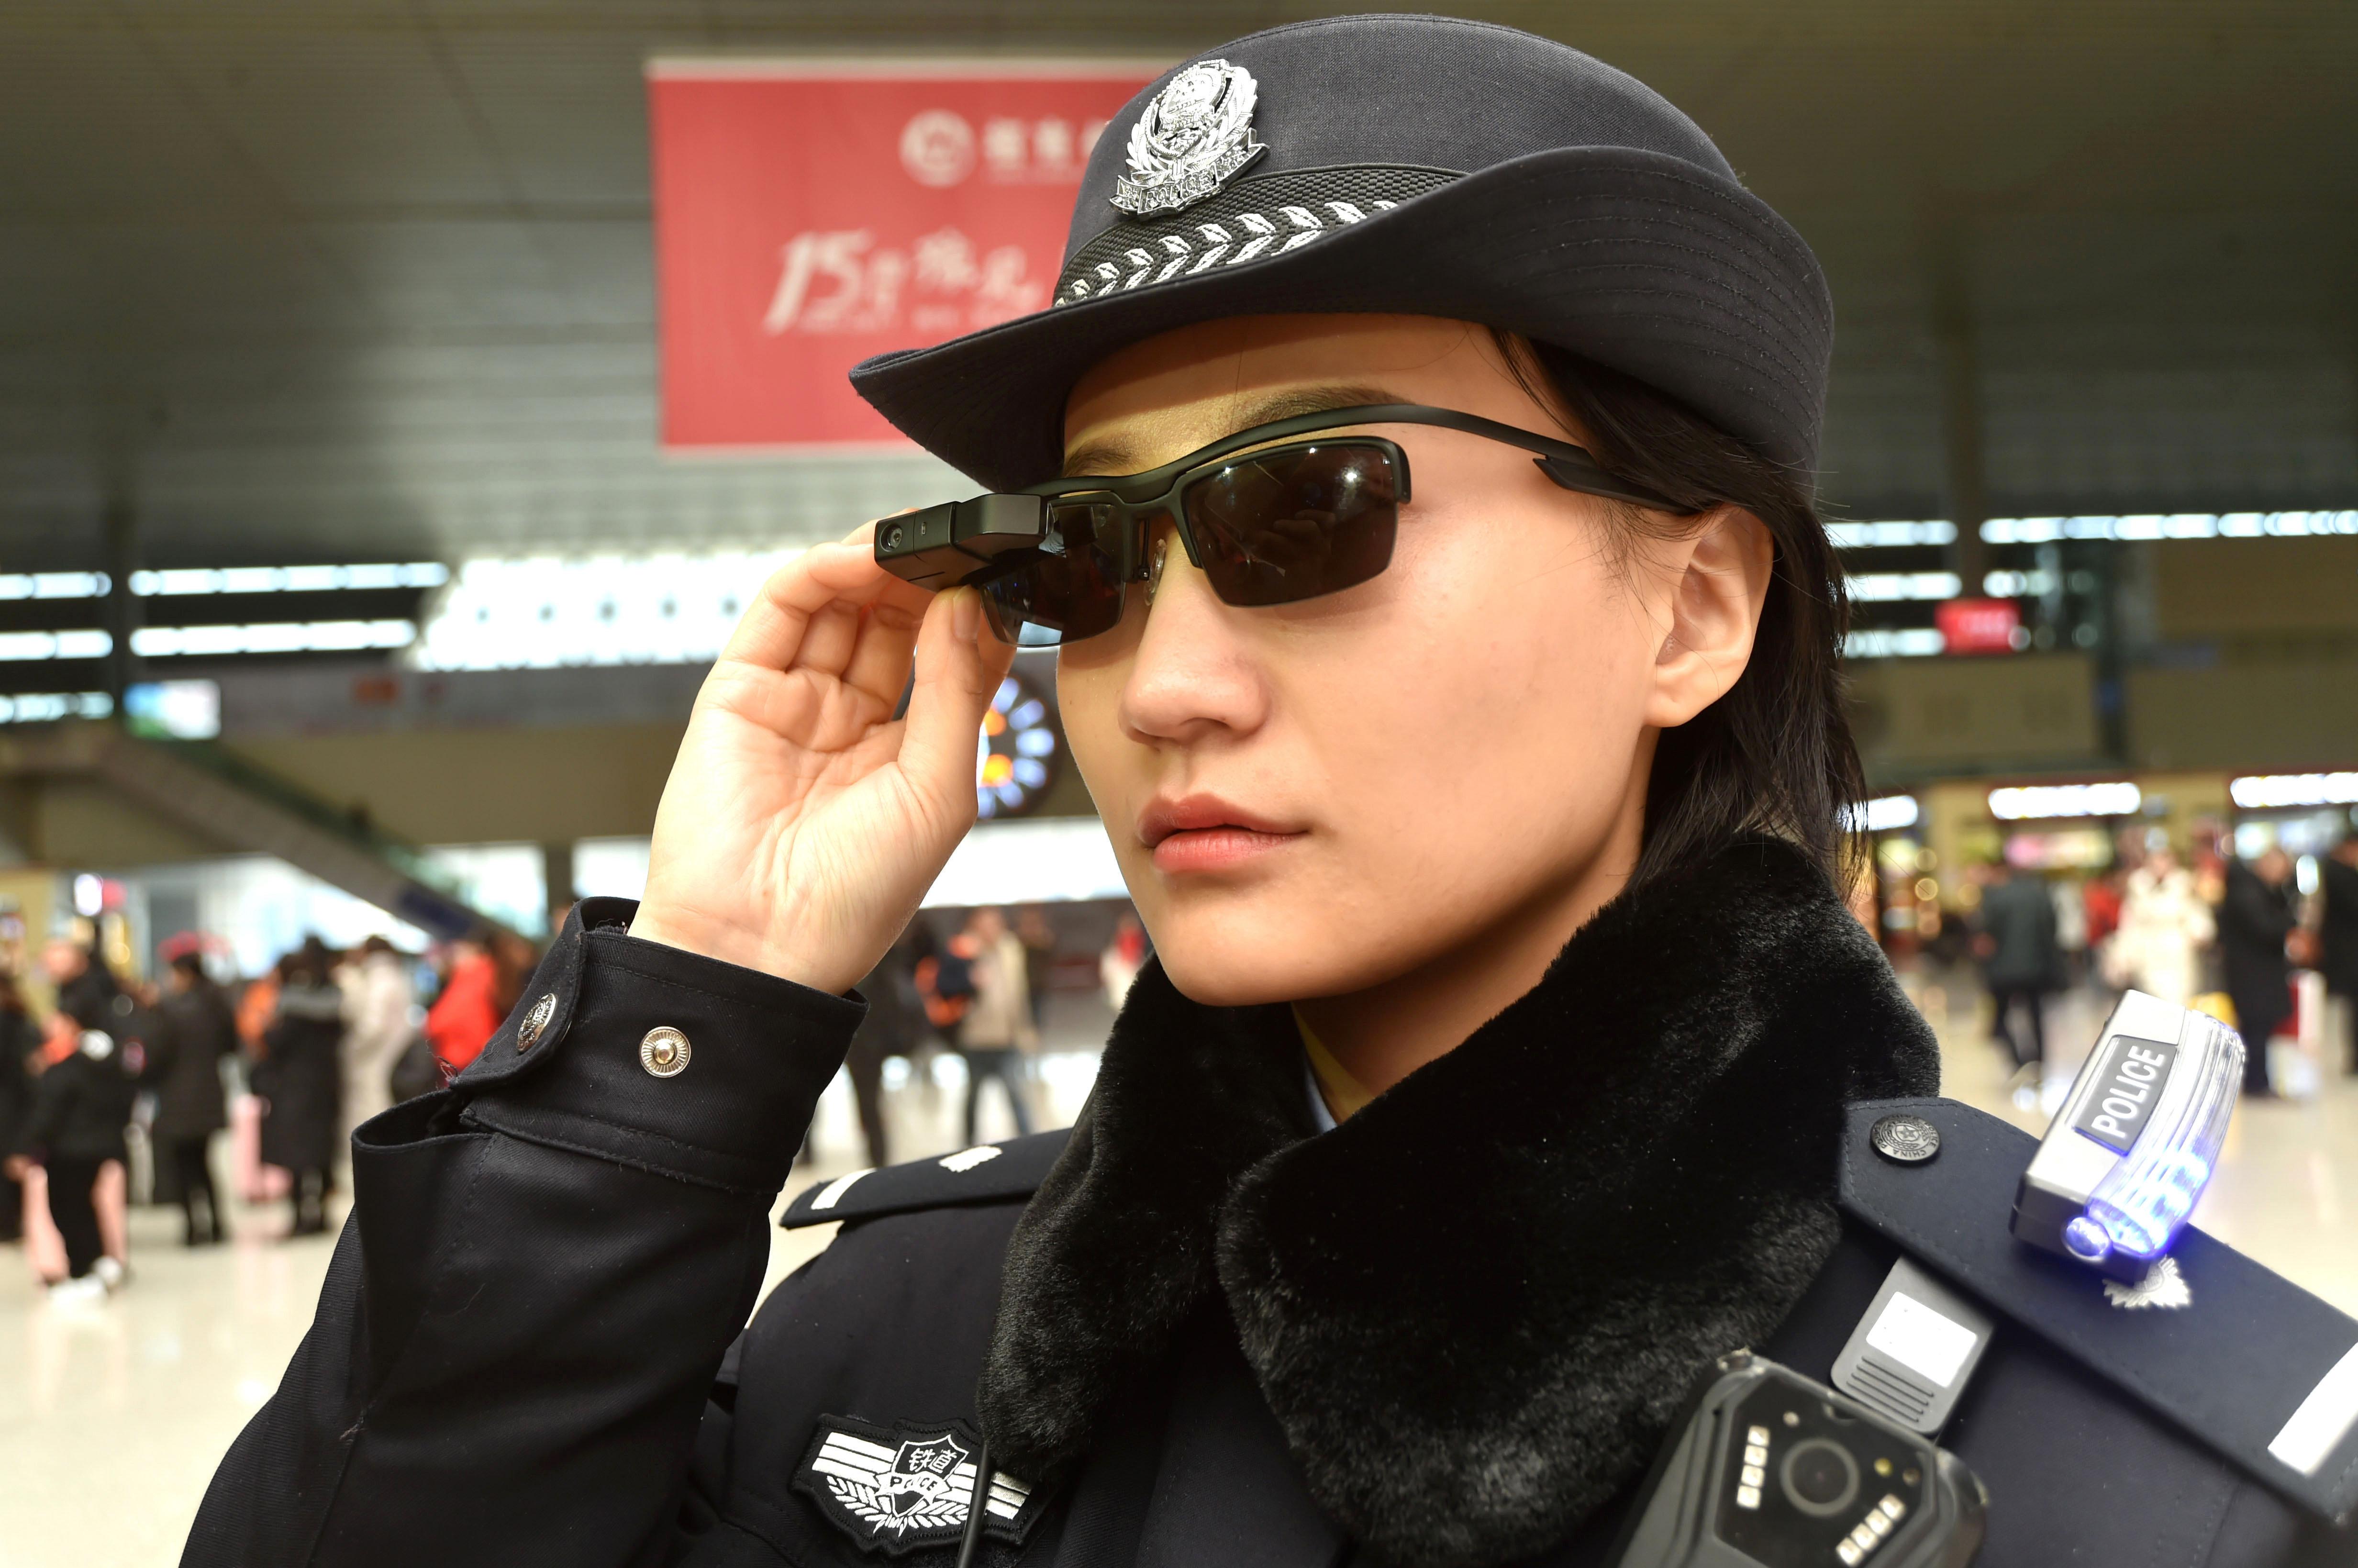 Una oficial de policía utiliza la gafas inteligentes en la estación de trenes de Zhengzhou, en la provincia de Henan